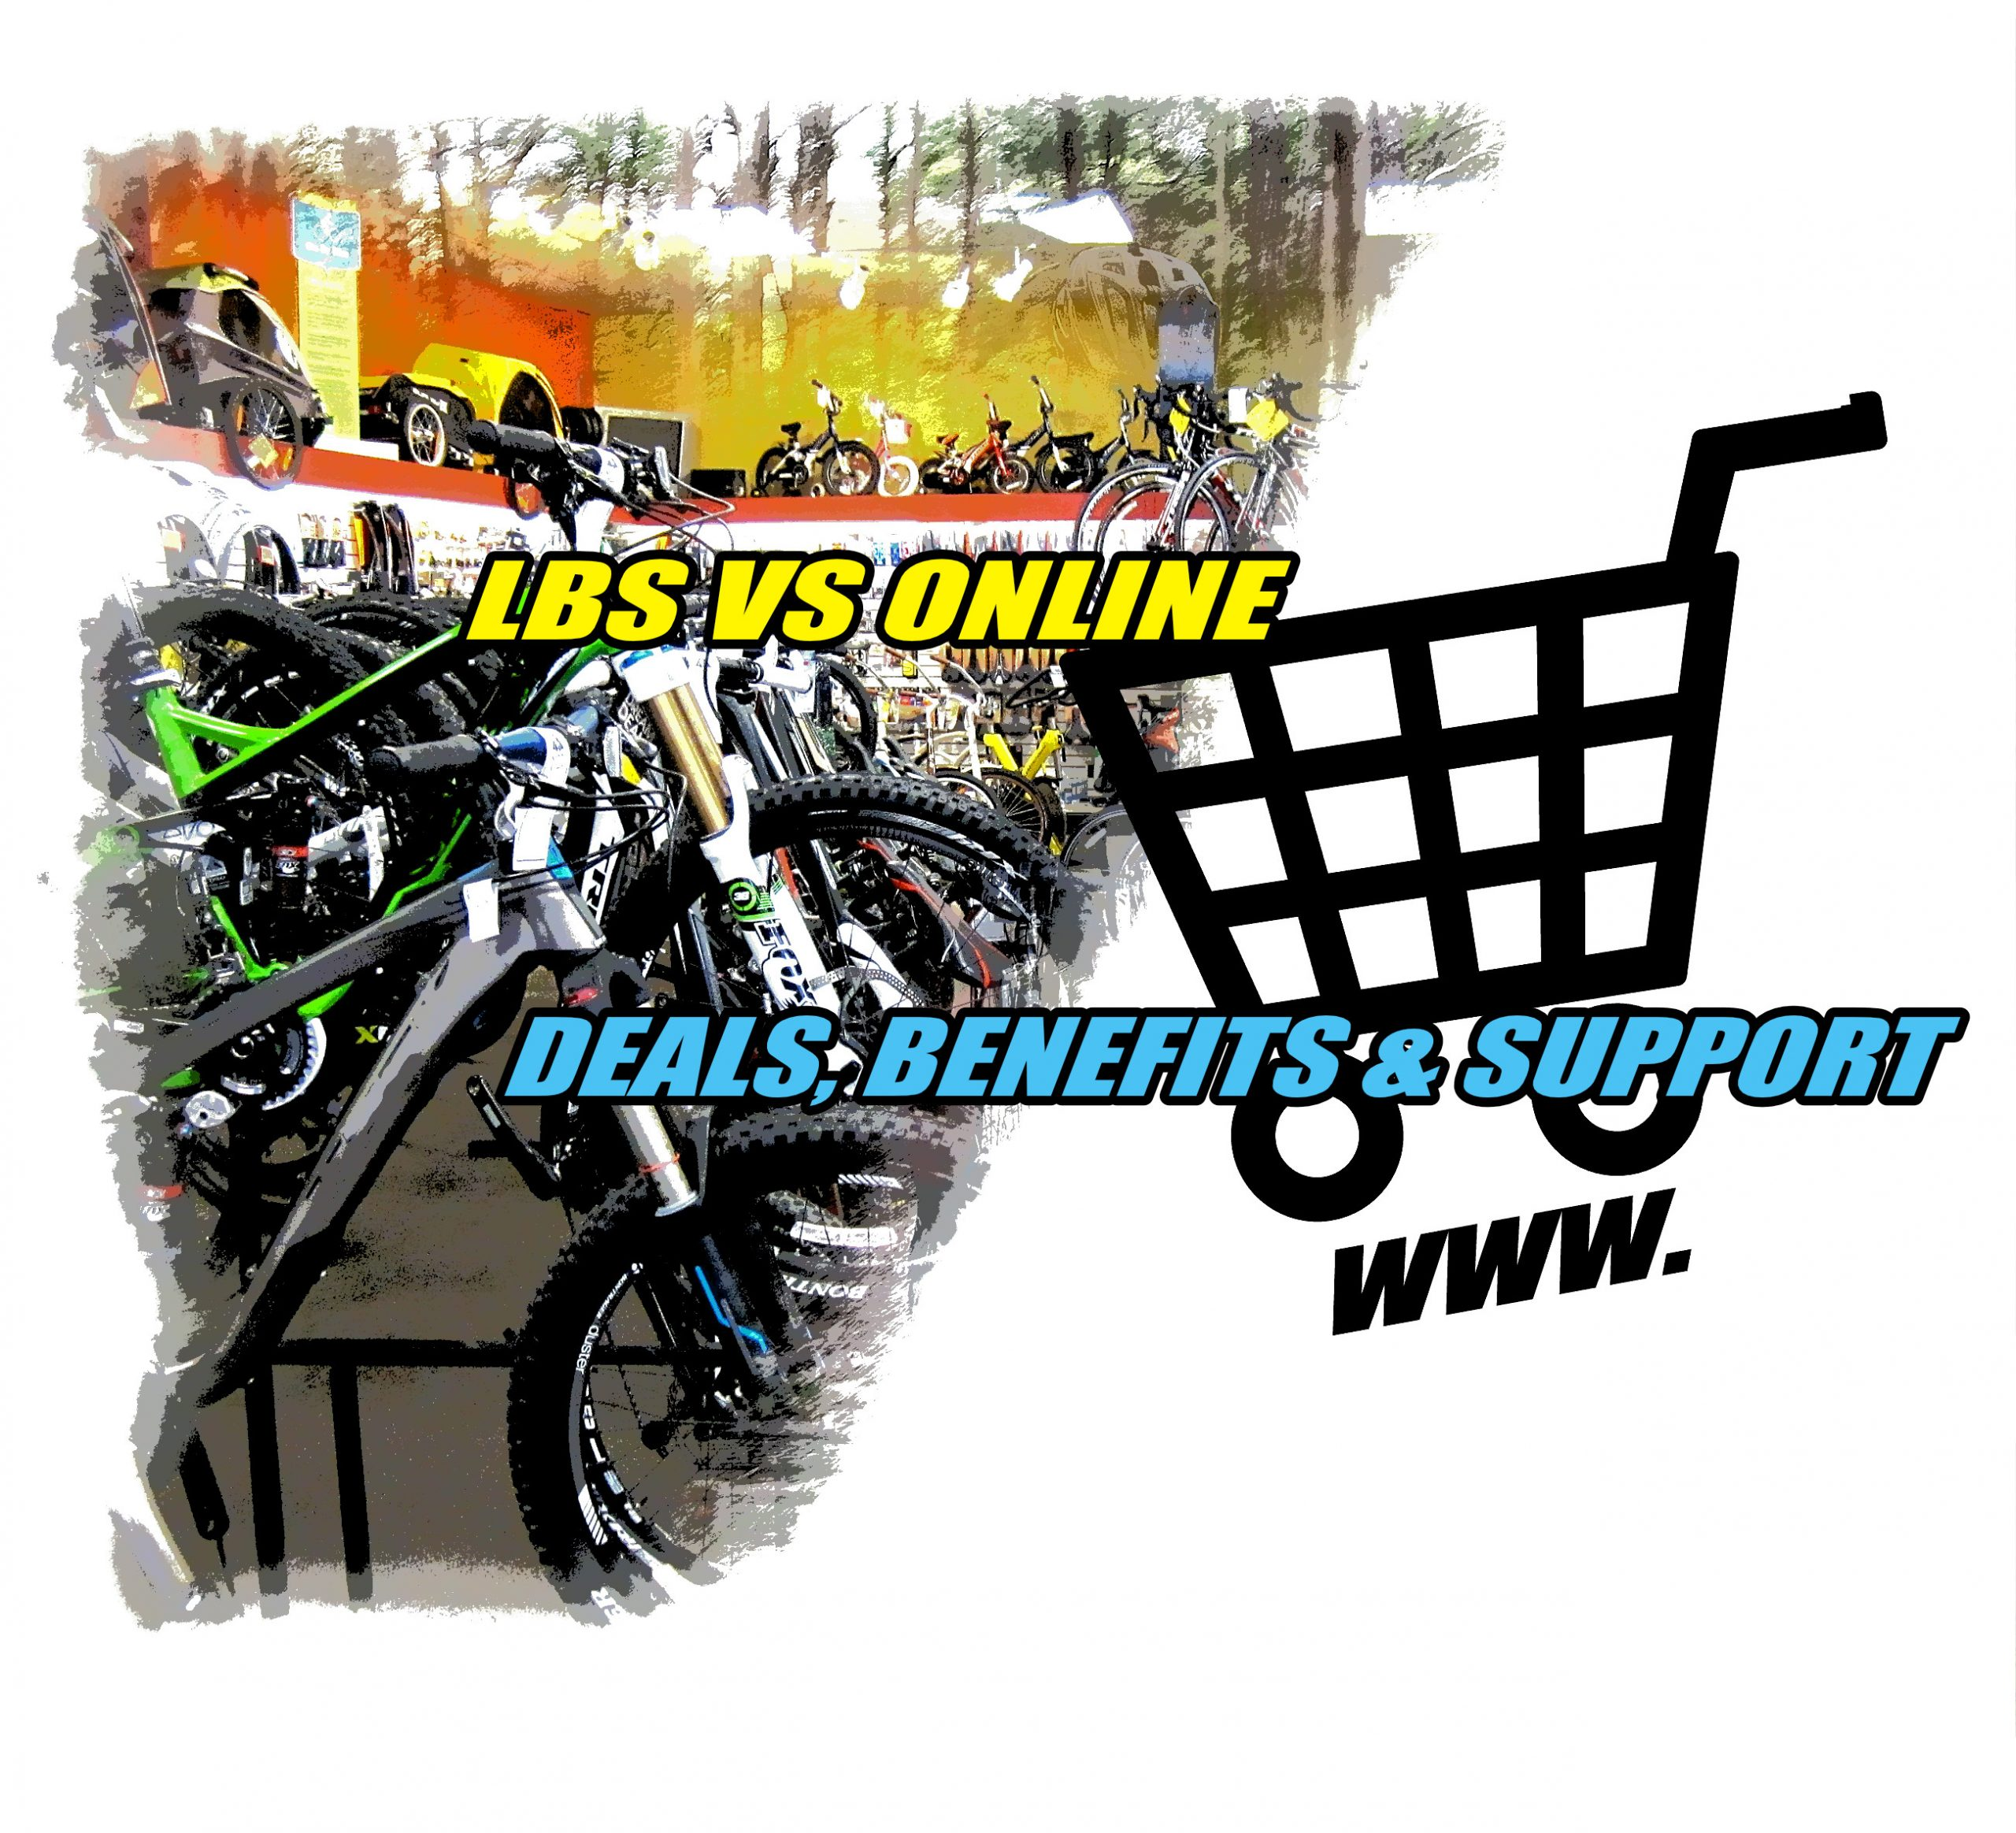 LBS local bike shop versus online